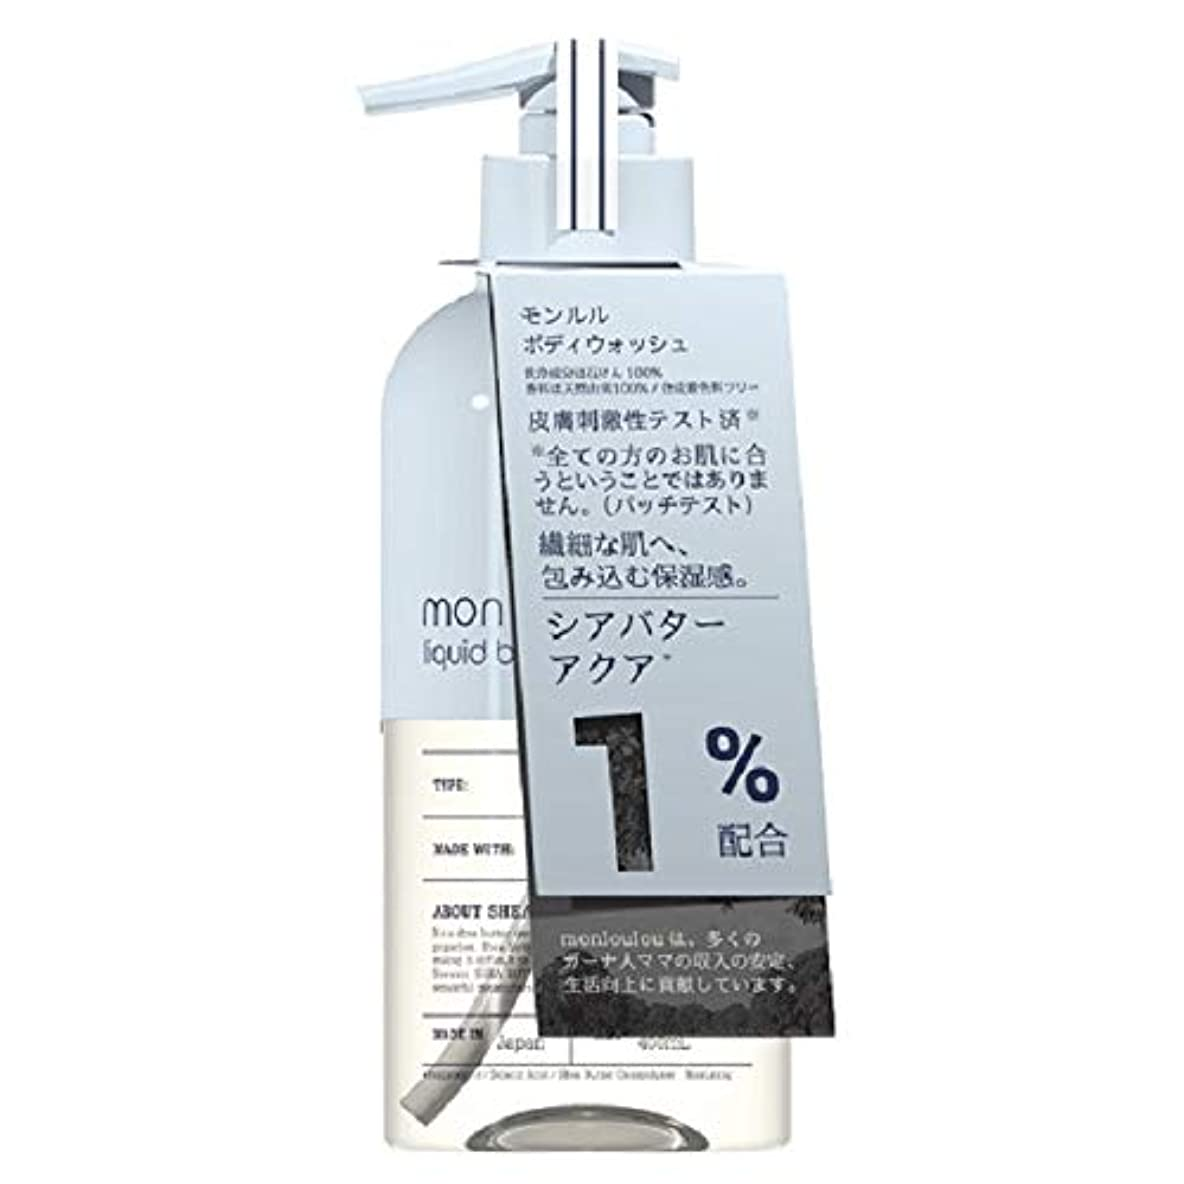 順応性のある番目なくなるモンルル1% ボディウォッシュ 400mL